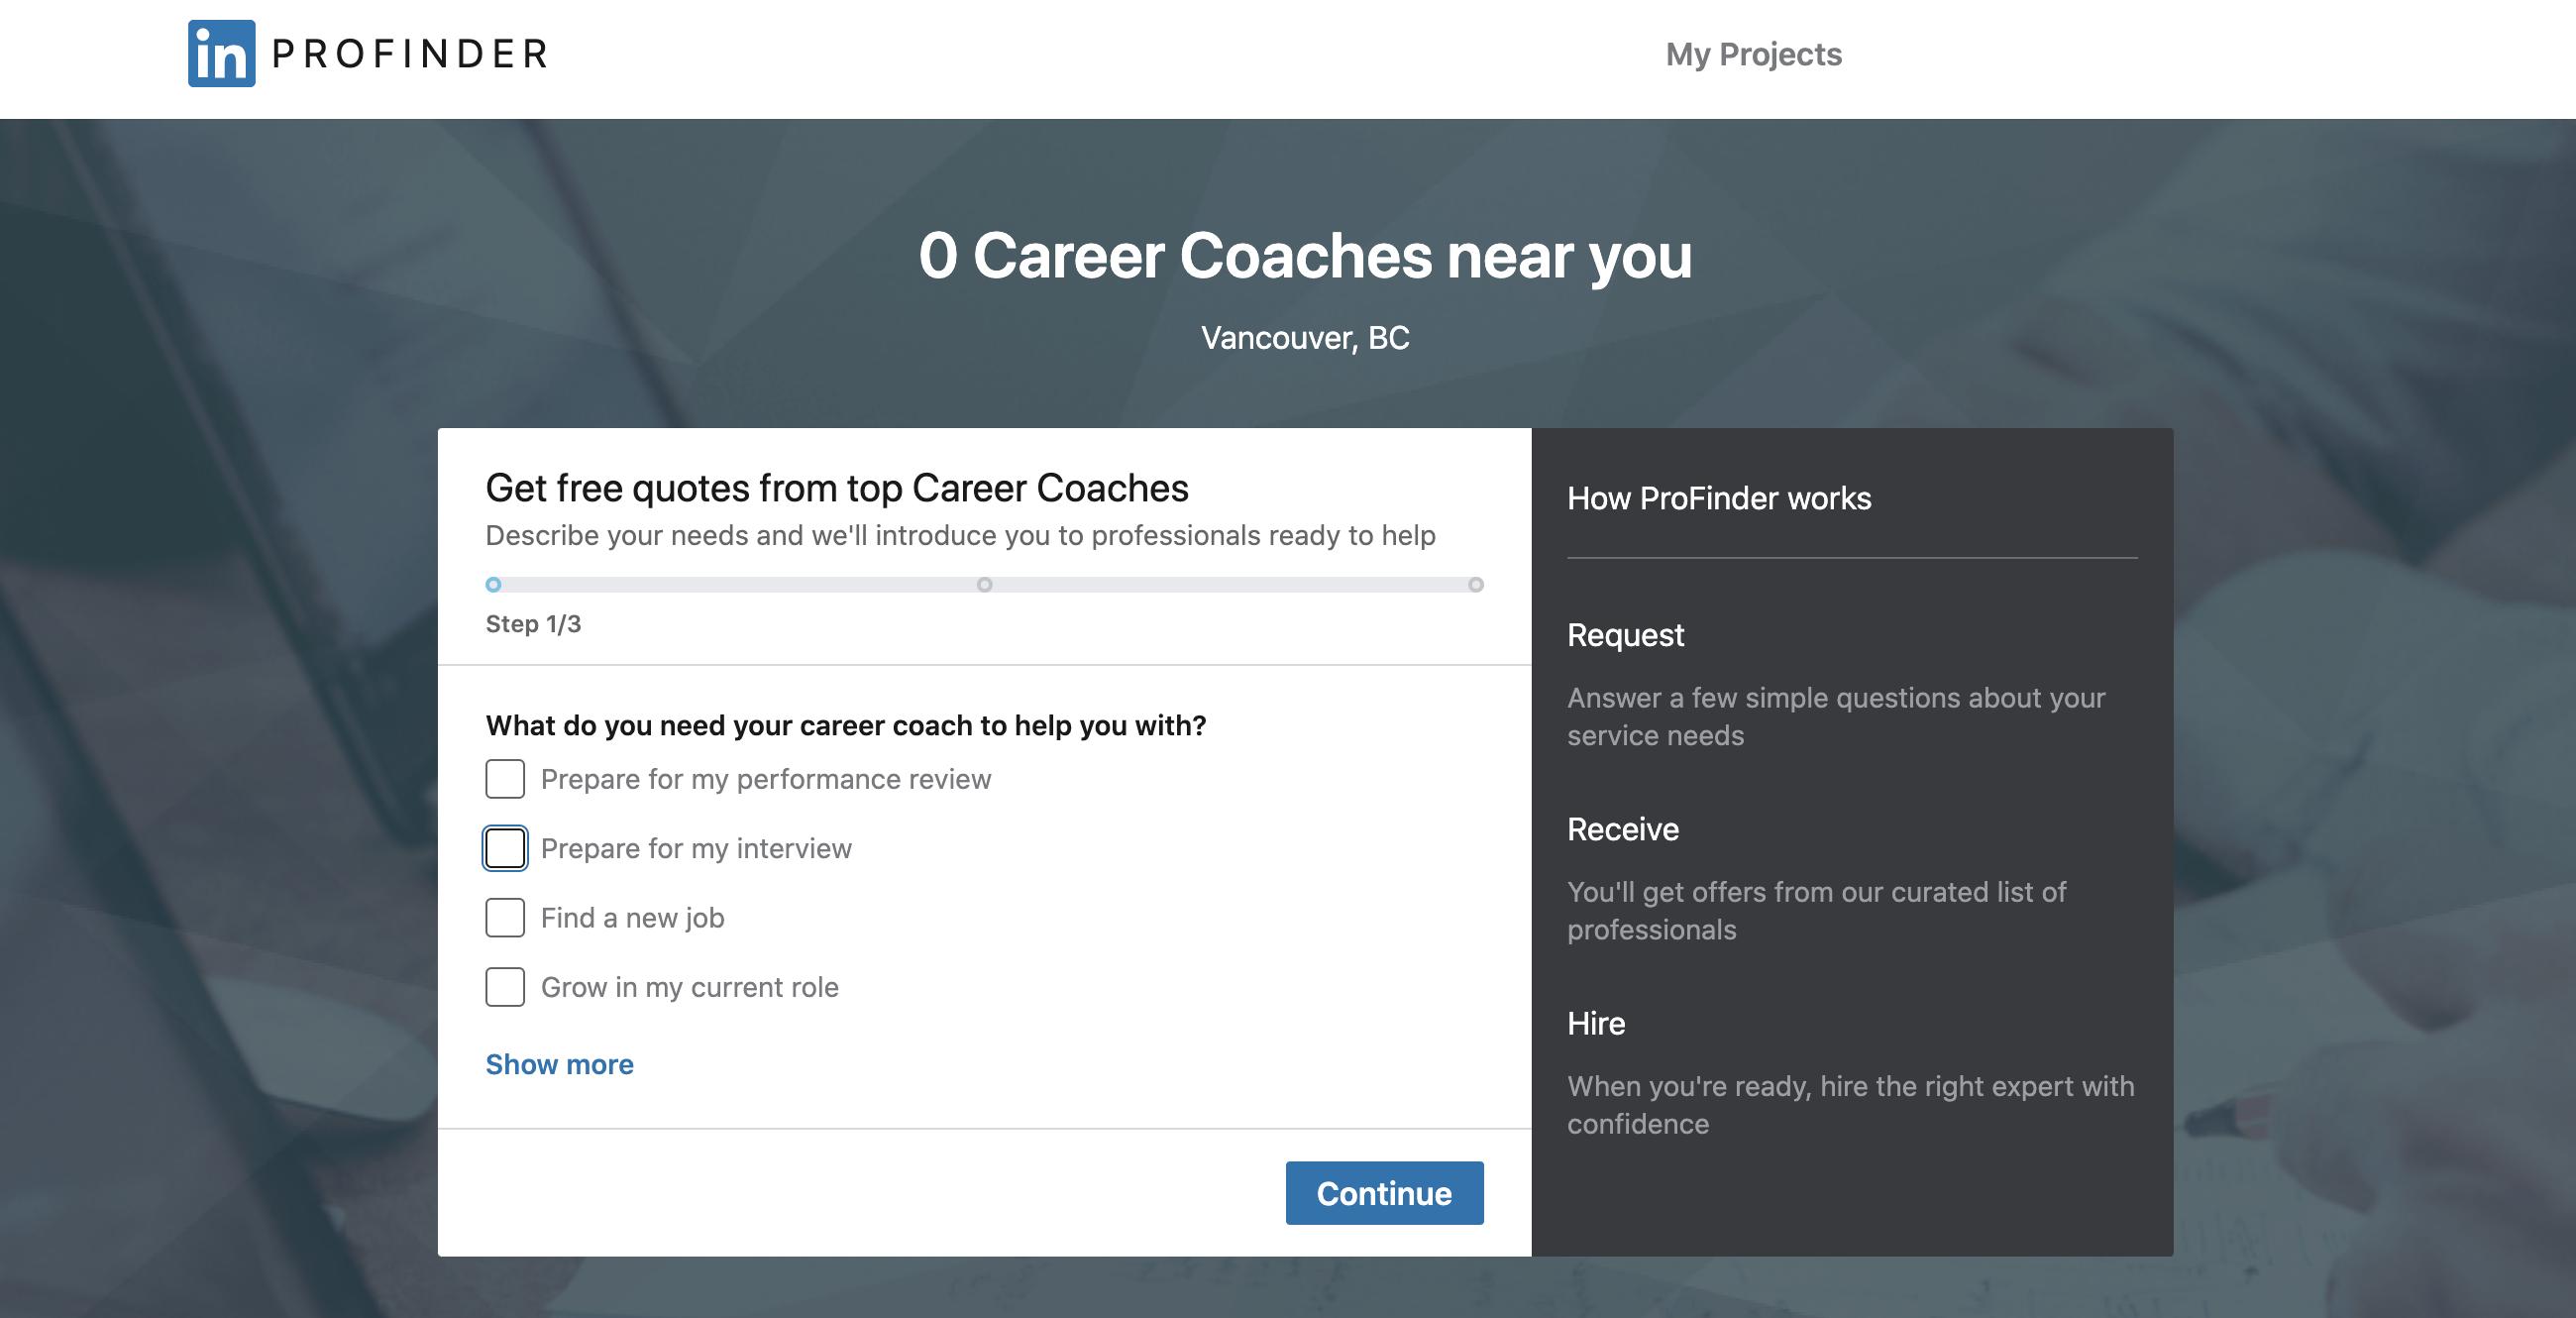 LinkedIn ProFinder Interview Training Services